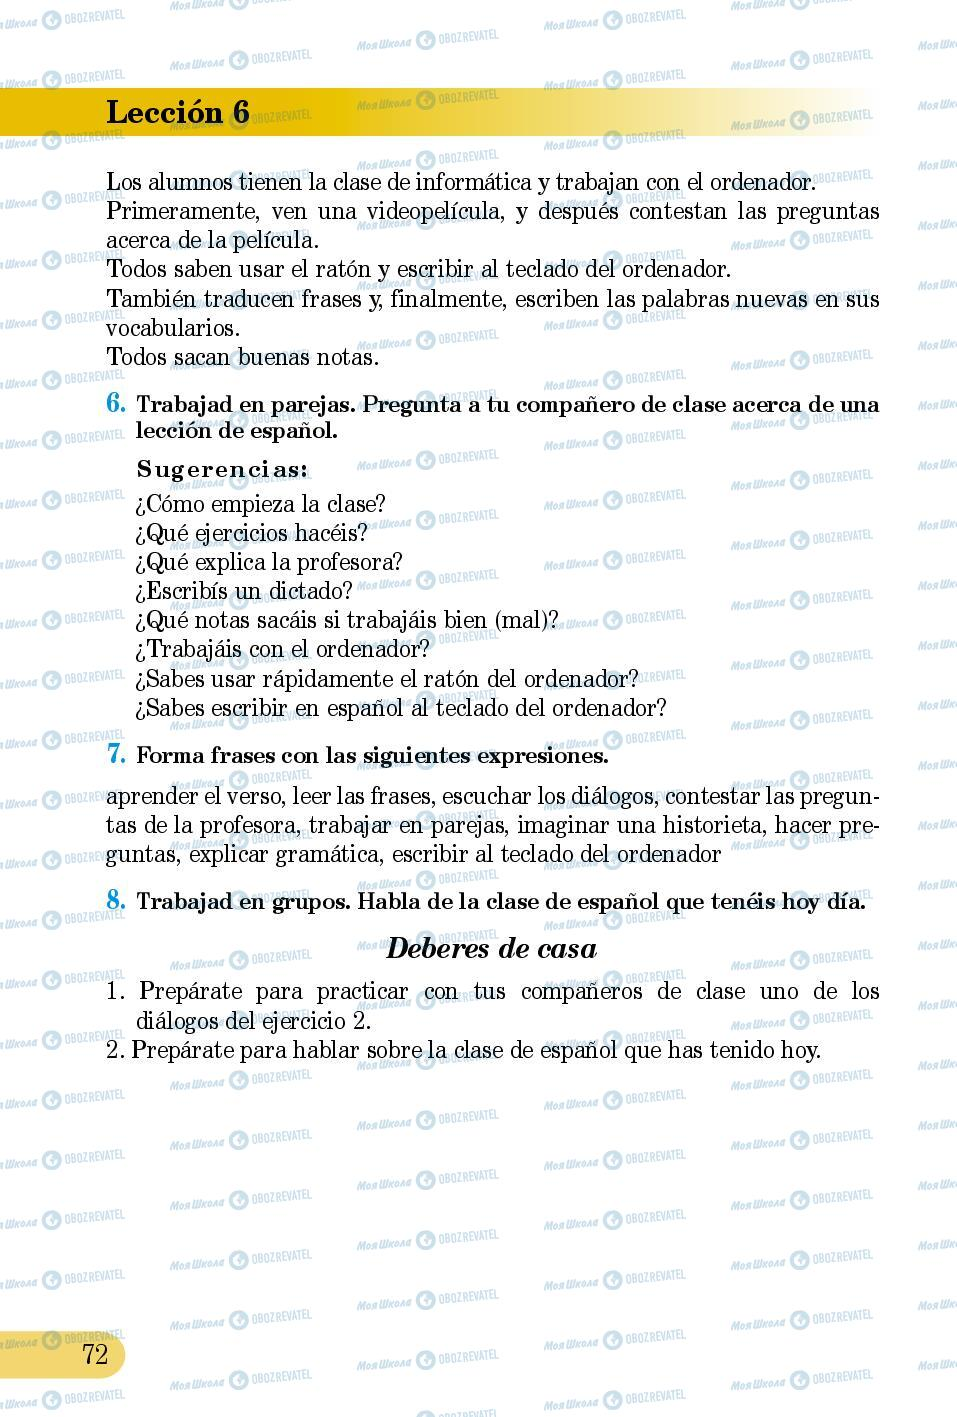 Підручники Іспанська мова 5 клас сторінка 72